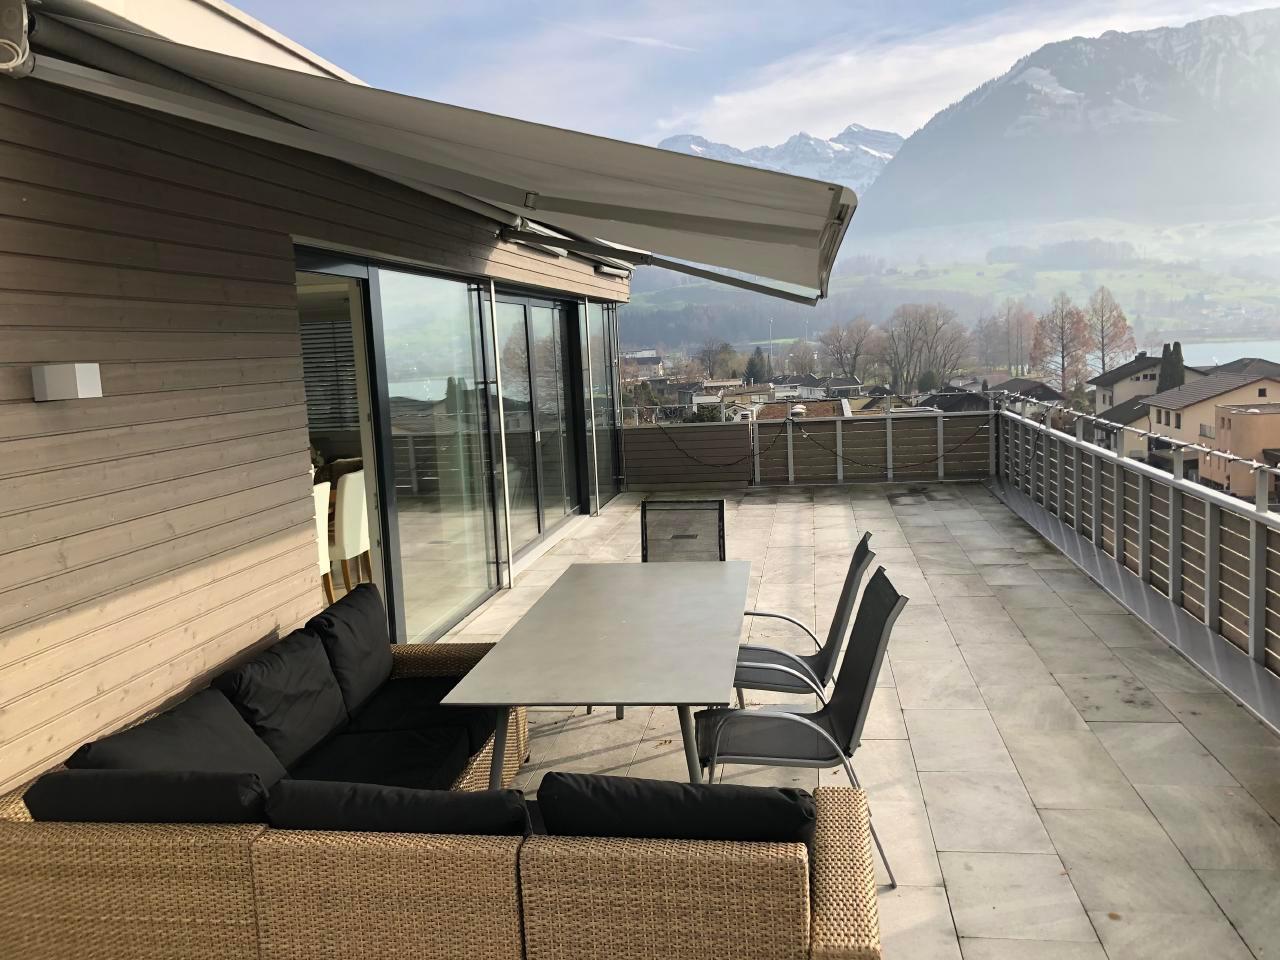 Ferienwohnung Penthouse Alpenblick (2542800), Sarnen, Obwalden, Zentralschweiz, Schweiz, Bild 2